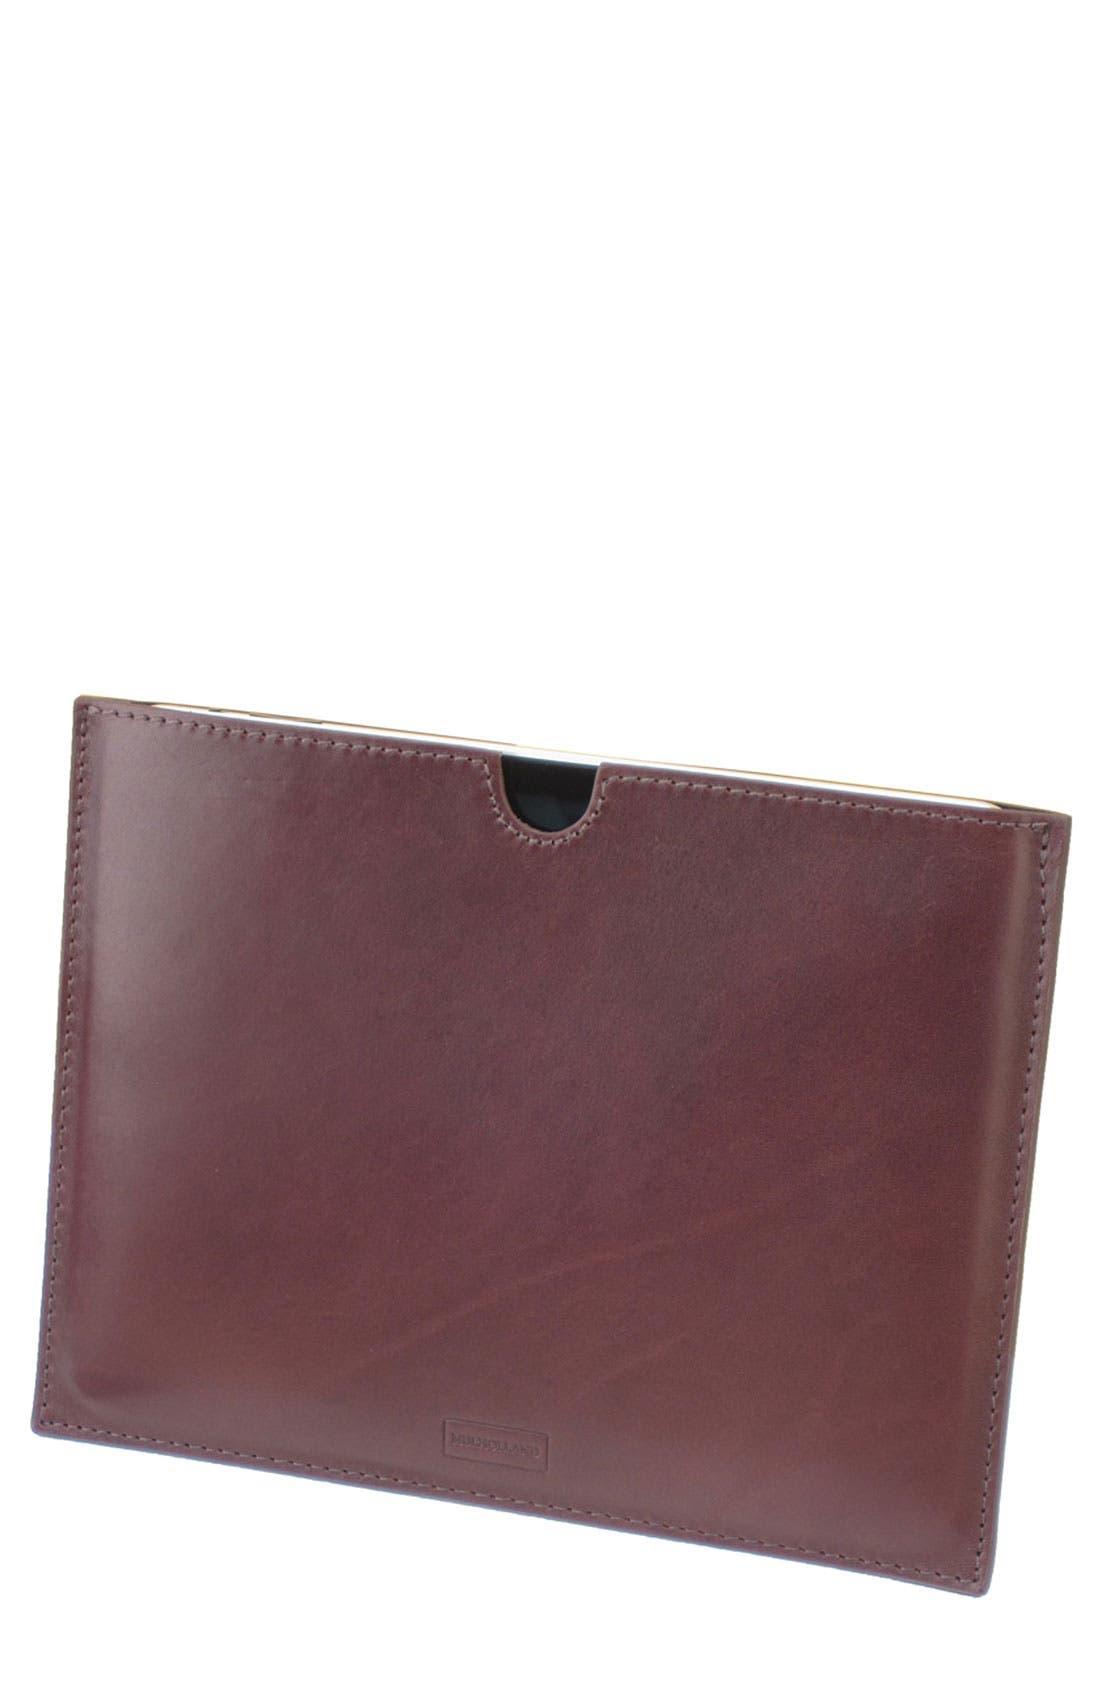 Alternate Image 1 Selected - Mulholland Leather iPad Sleeve